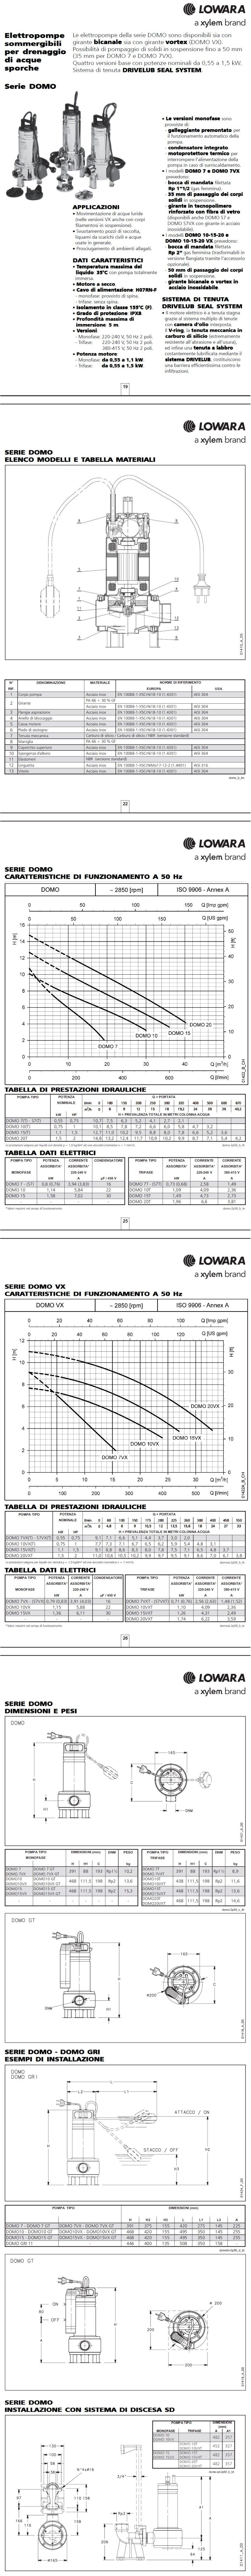 Scheda tecnica Lowara DOMO10VX